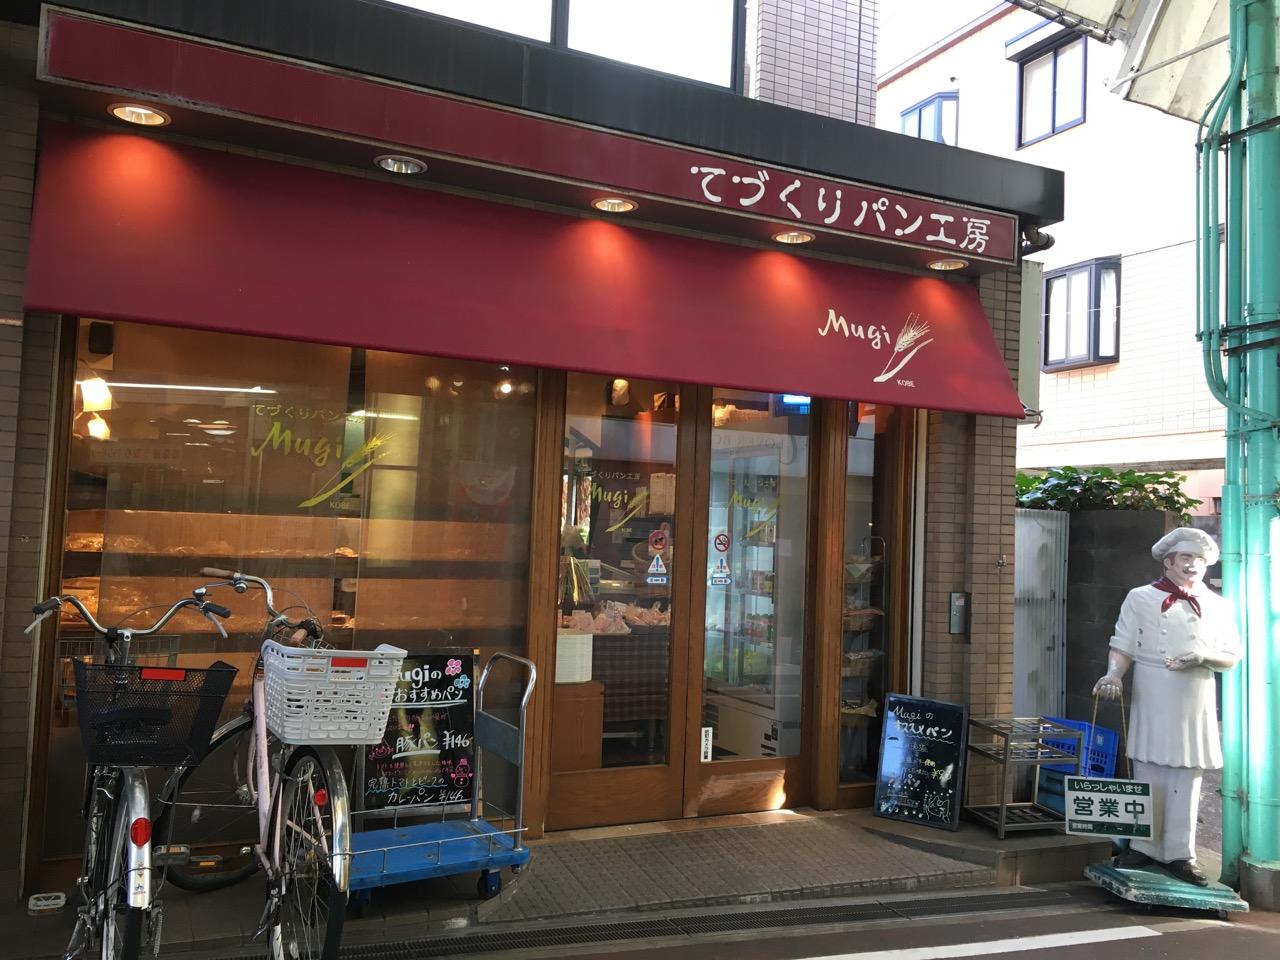 石橋商店街のパン屋さん、むぎ(Mugi)に行ってきたよ